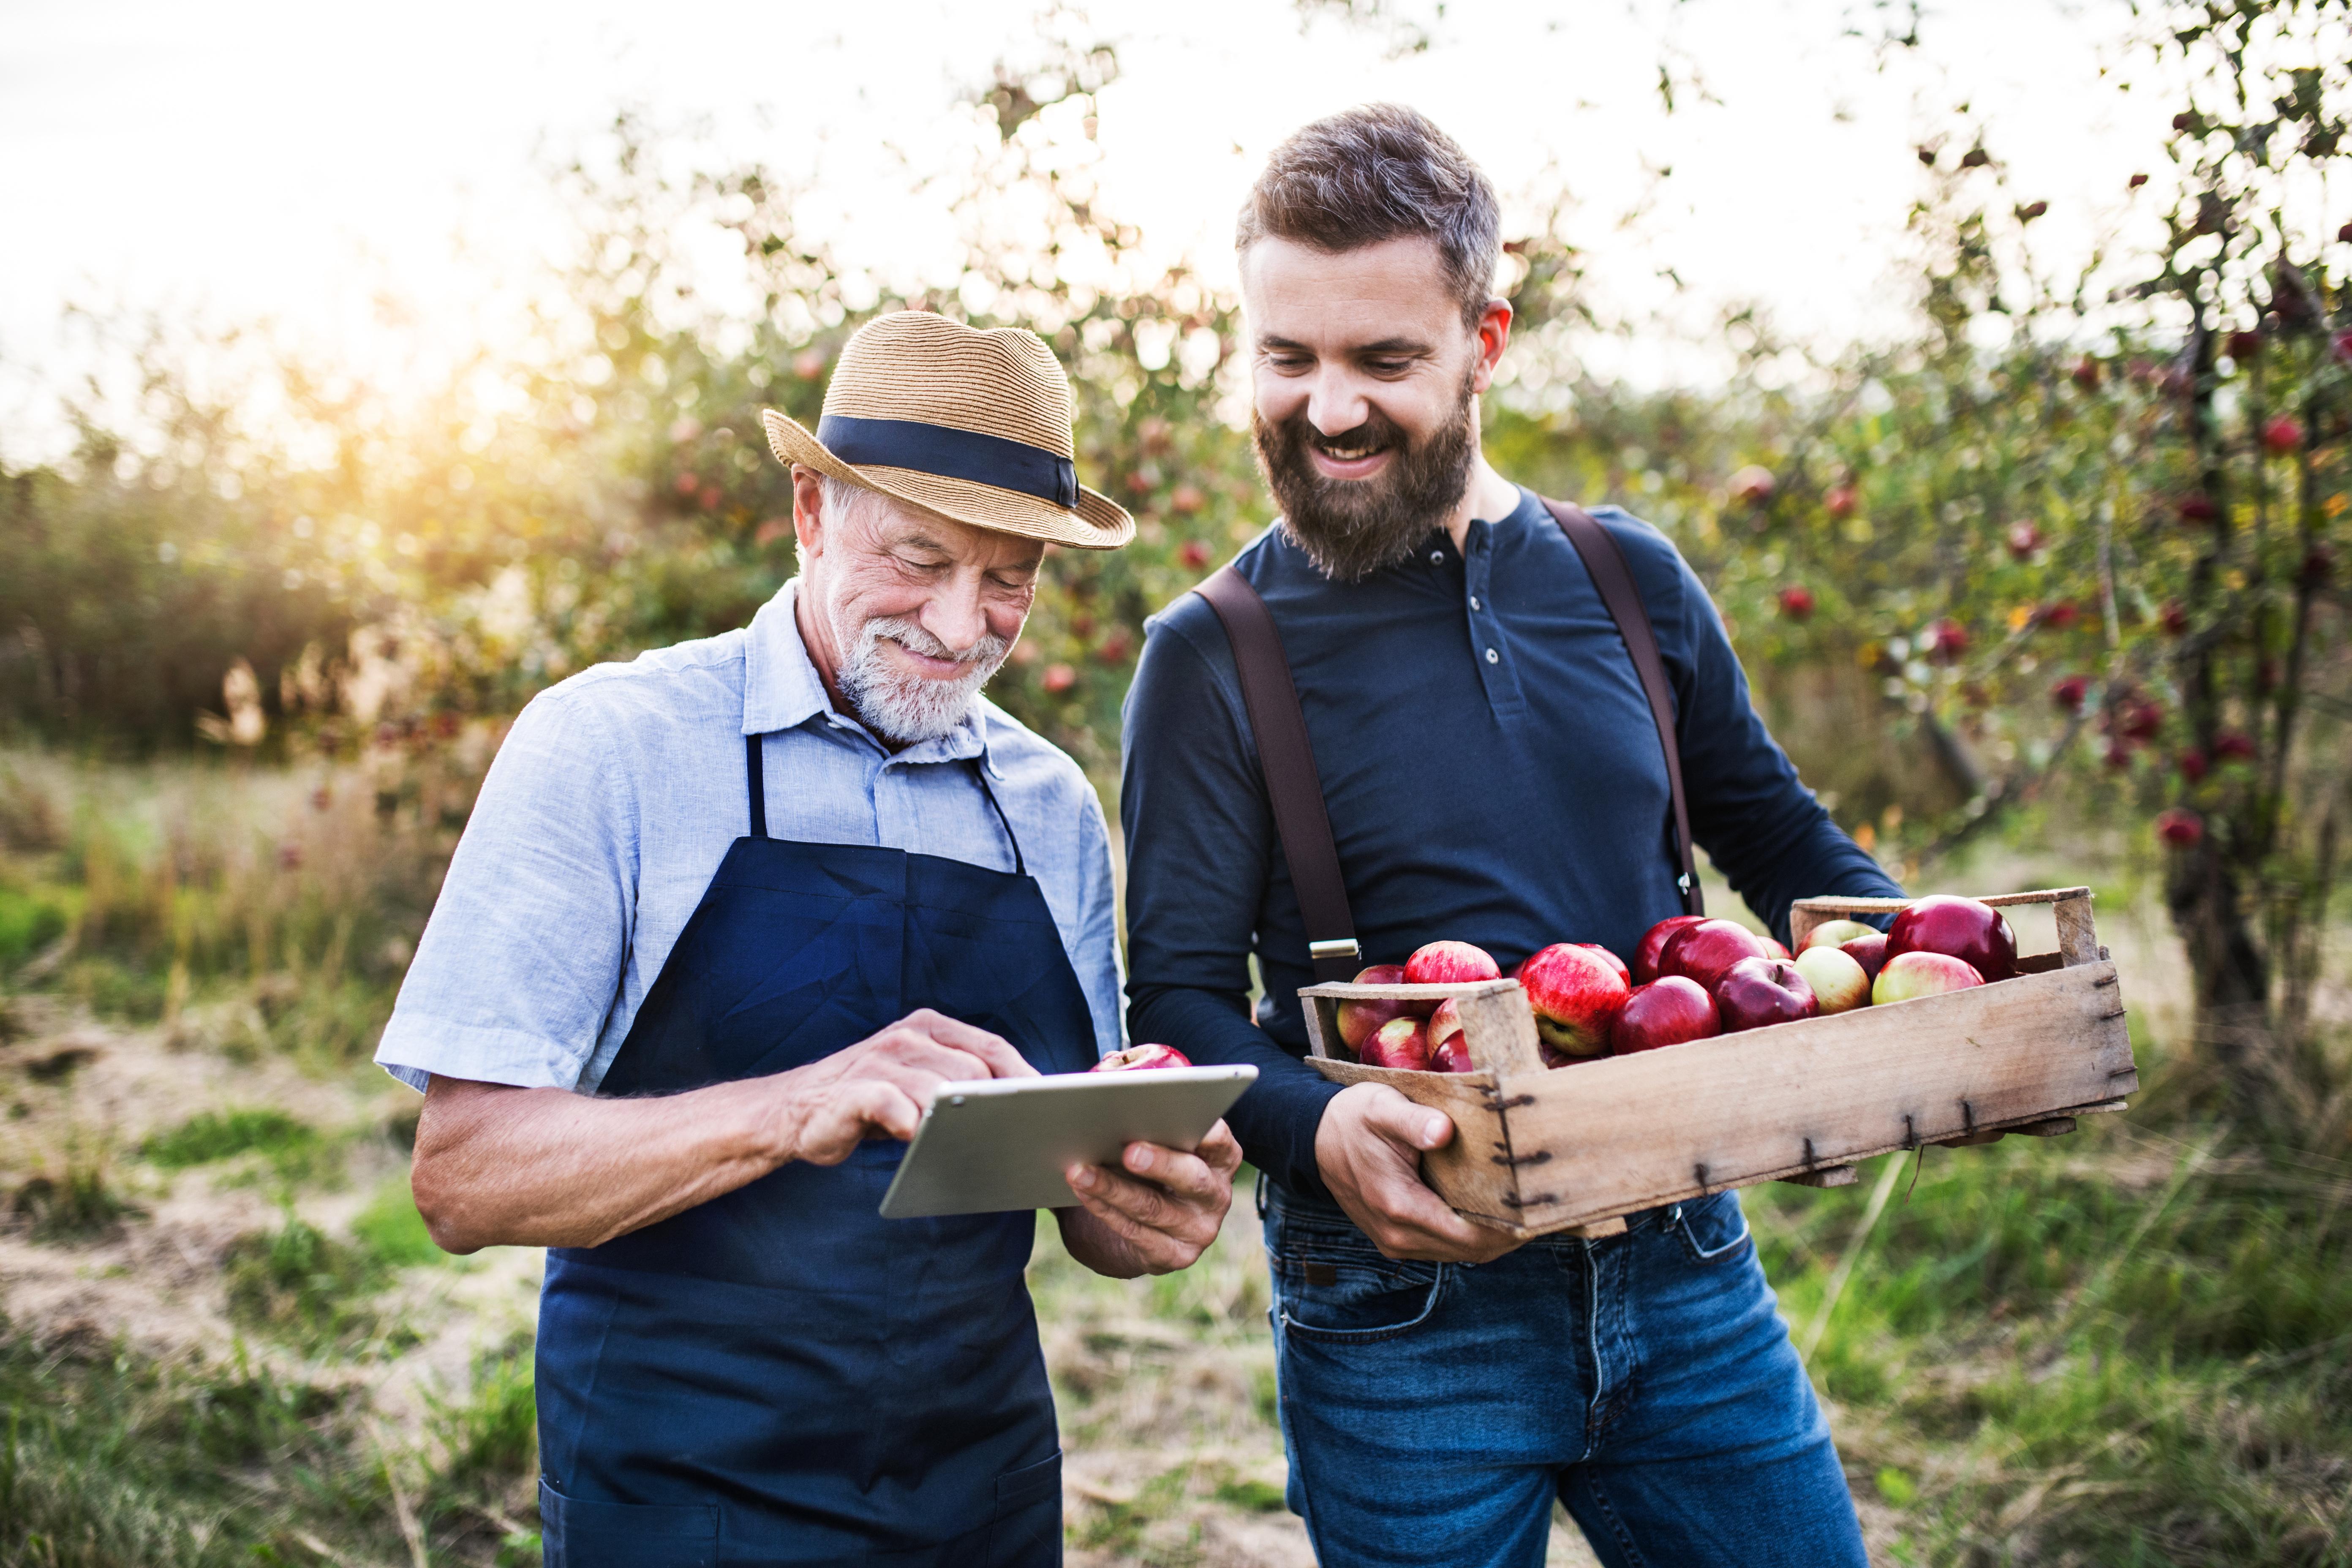 A farmer sells apples to a local vendor.